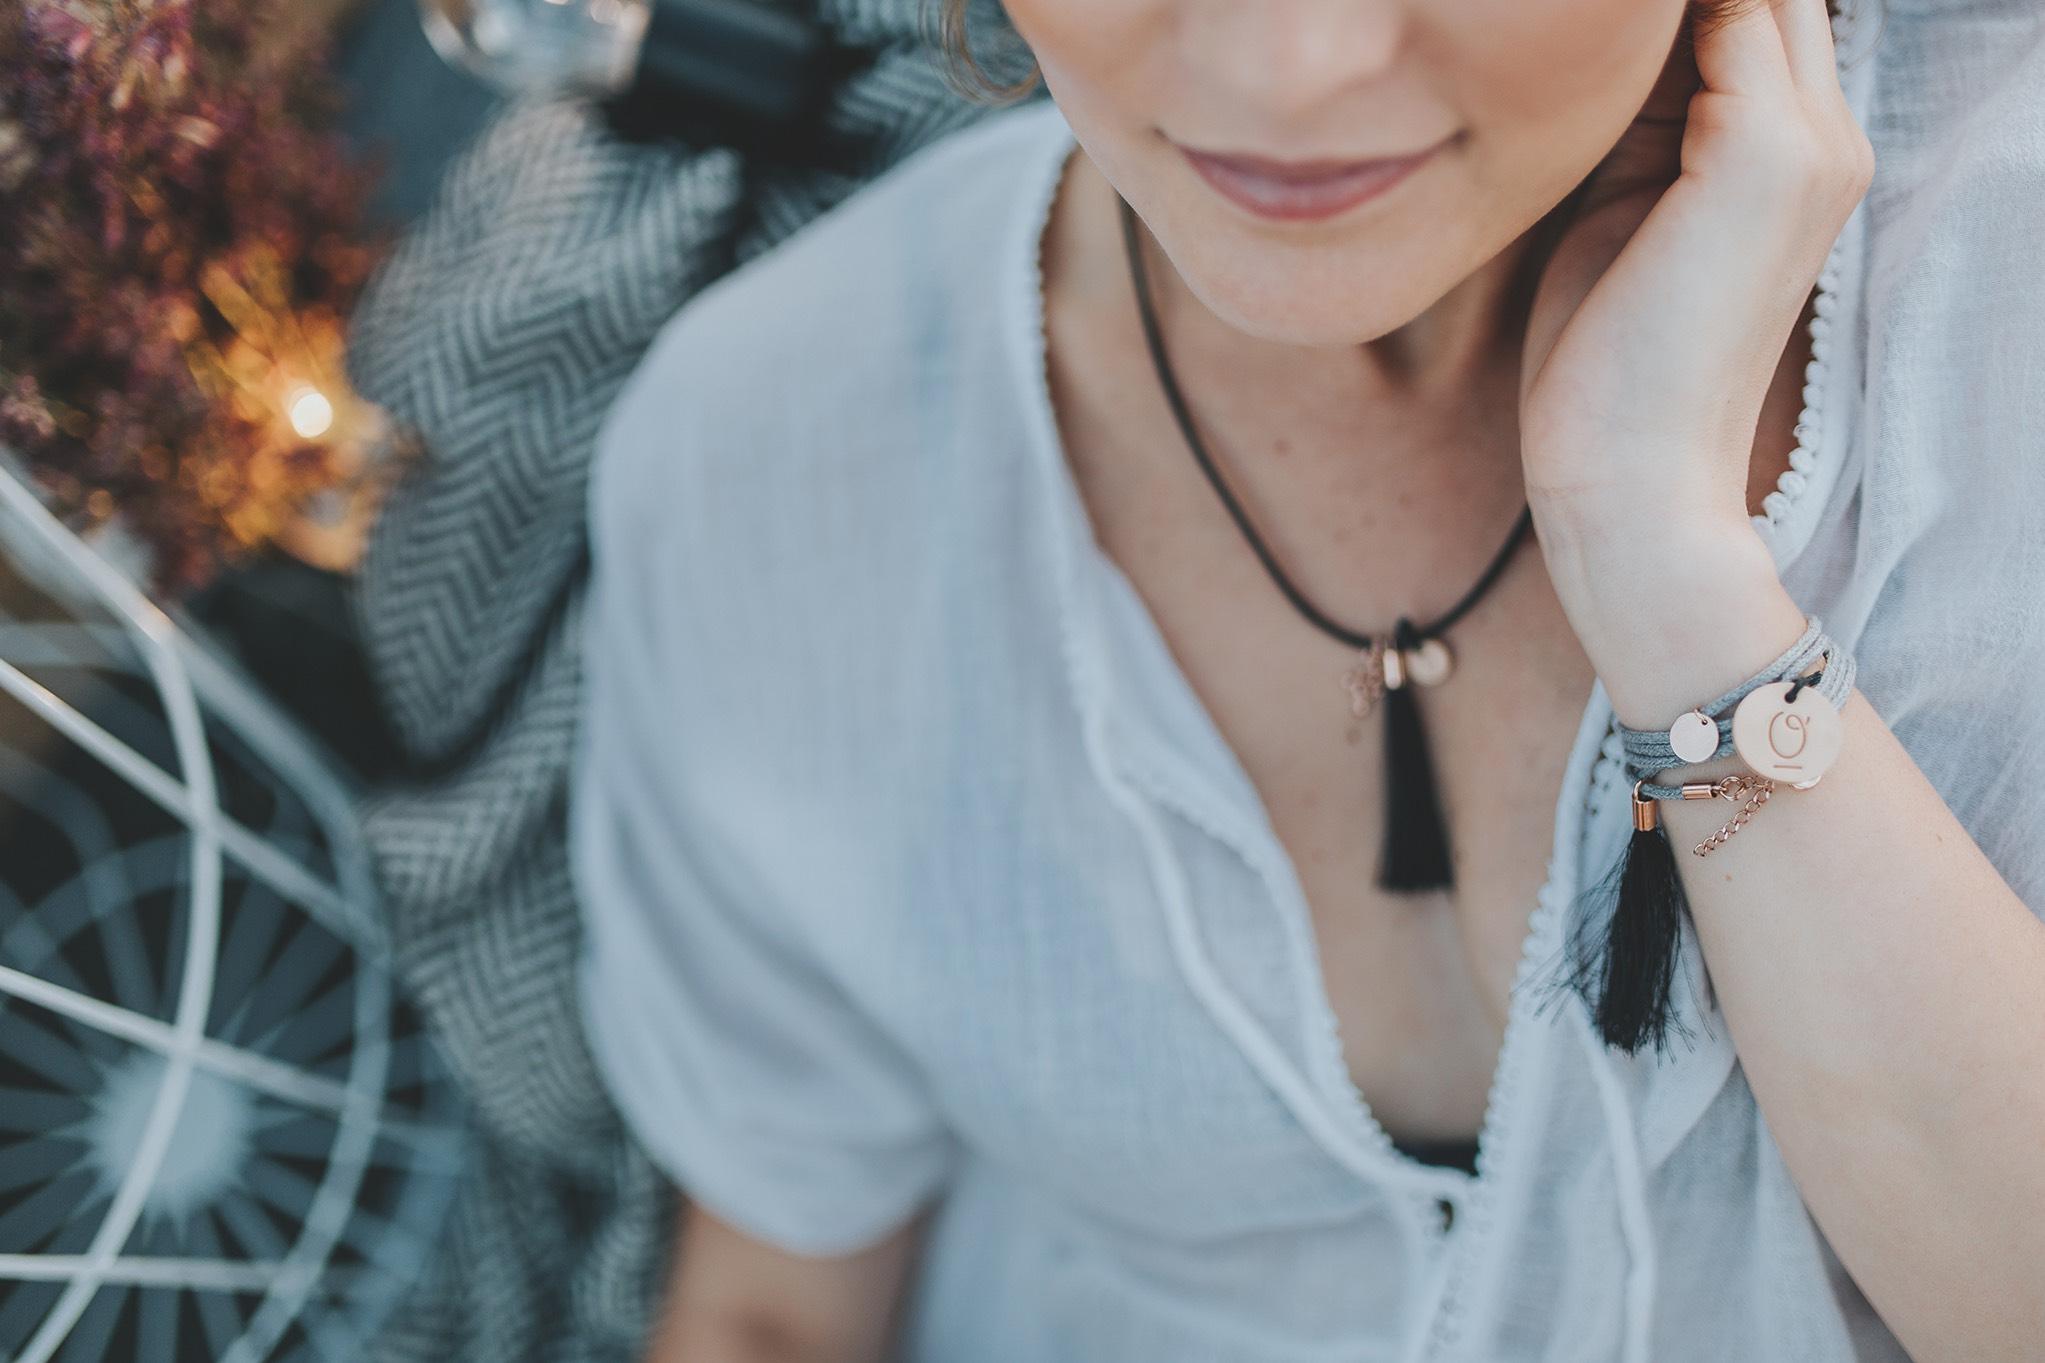 OPLOTKA - biżuteria tworzona z pasją